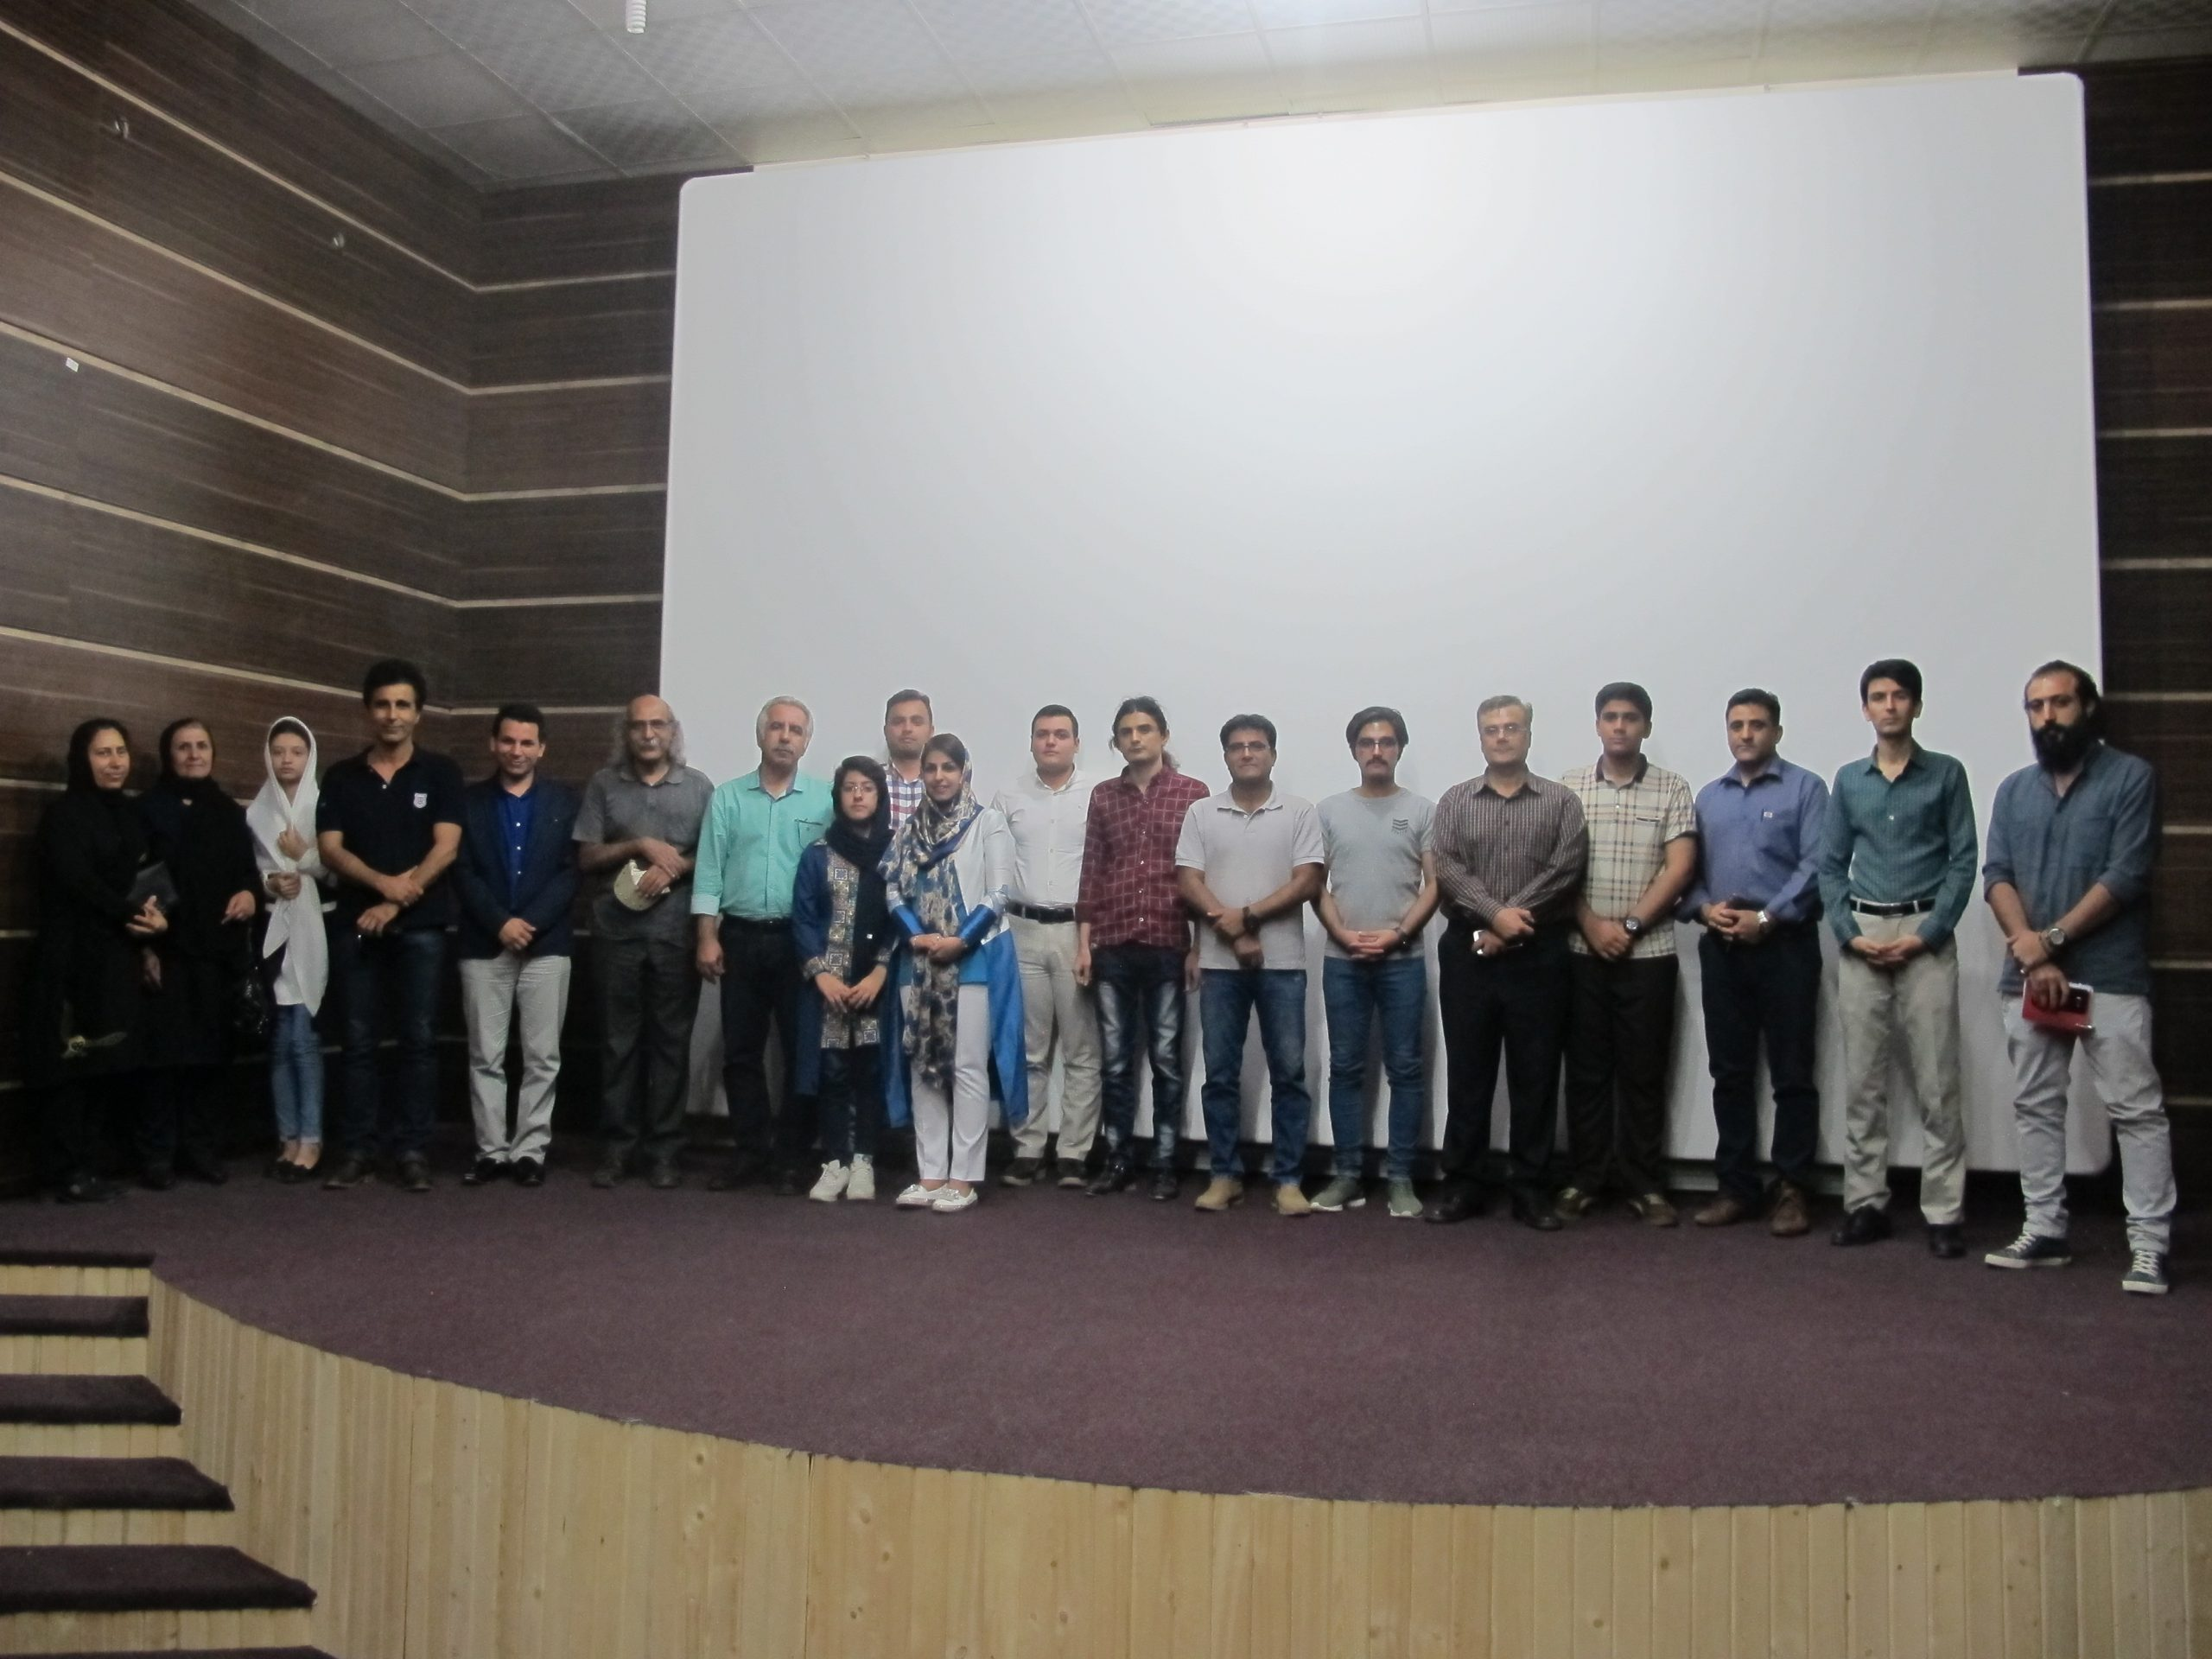 برگزاری دومین جلسه از سری جلسات دهگانه فیلم در برازجان